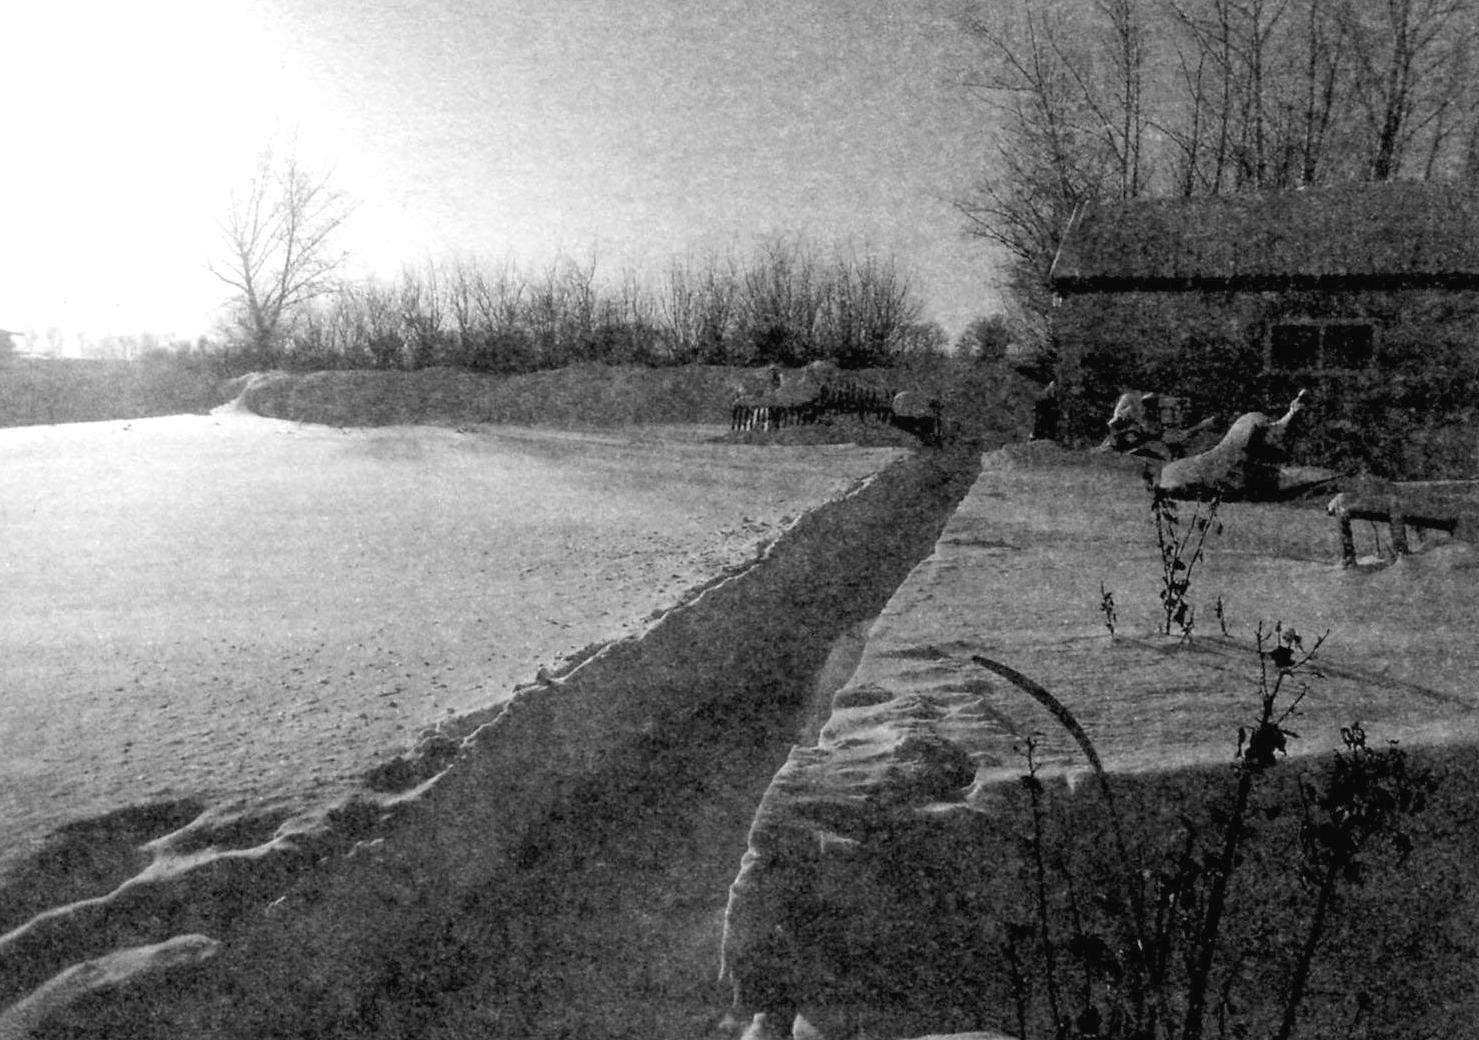 Результат работы: ни справа, ни слева отвалов снега нет (глубина снежного покрова около 600 мм)